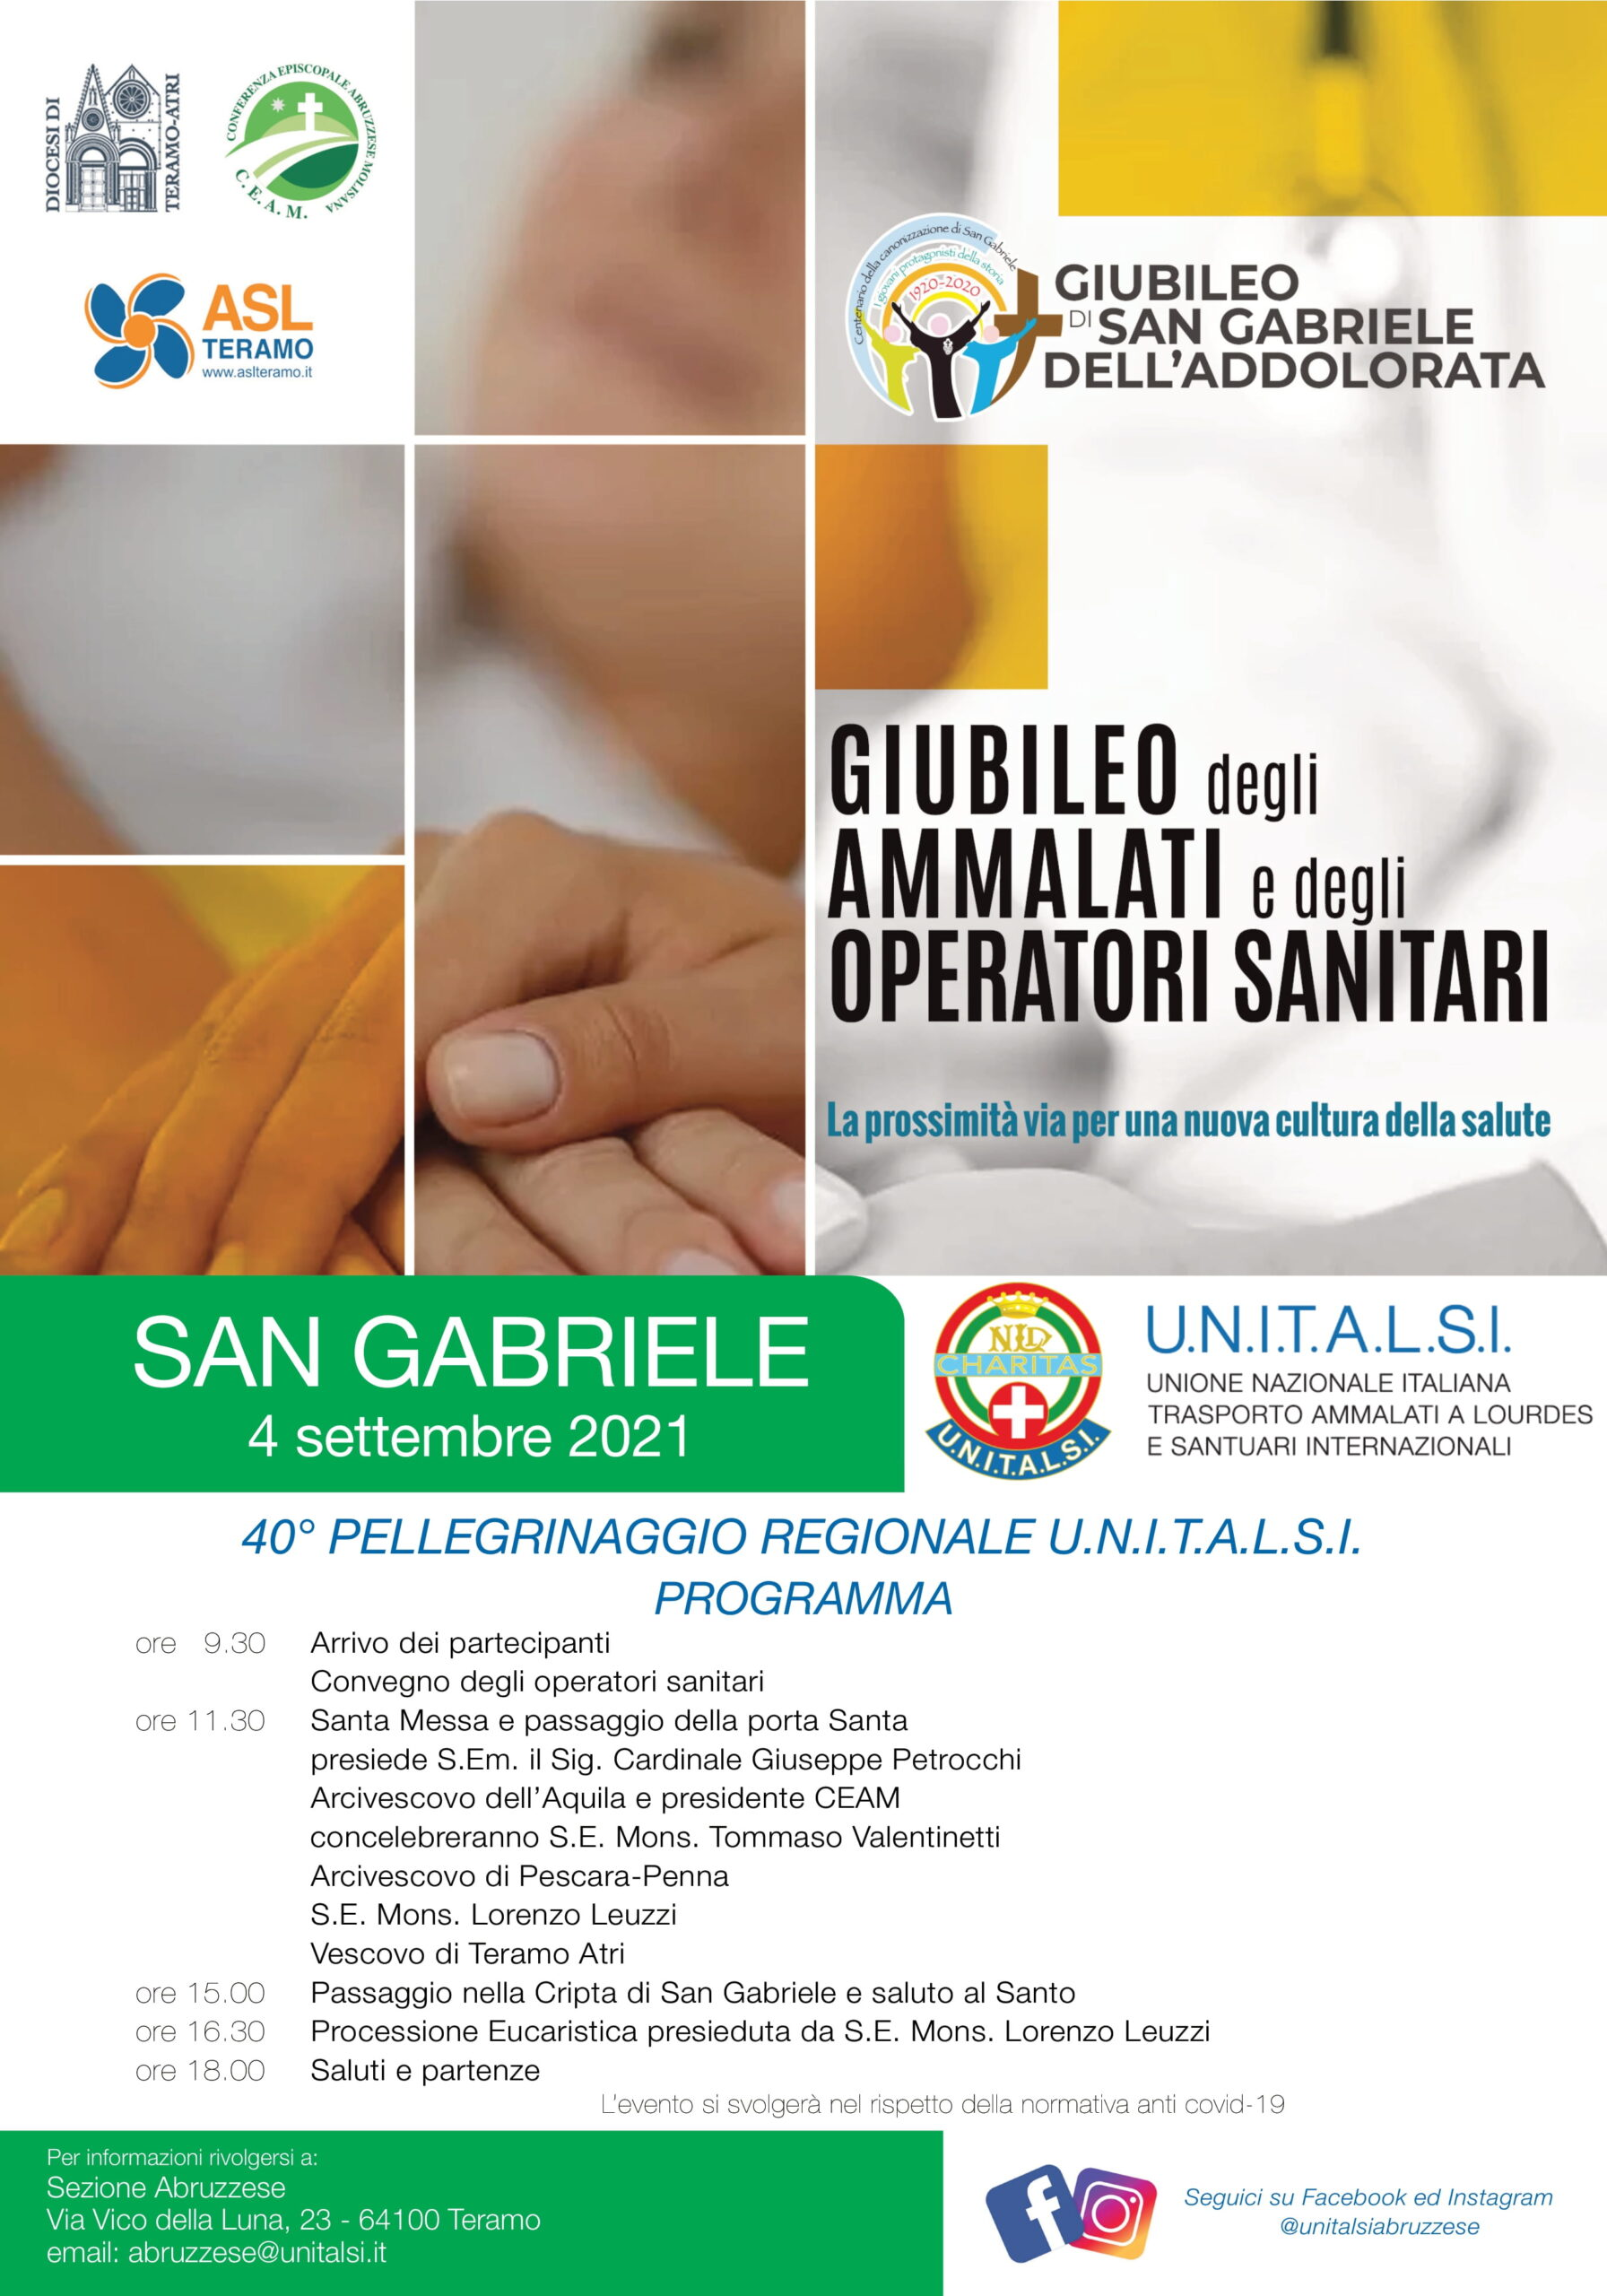 Al Santuario di San Gabriele il Giubileo degli Ammalati e degli Operatori Sanitari